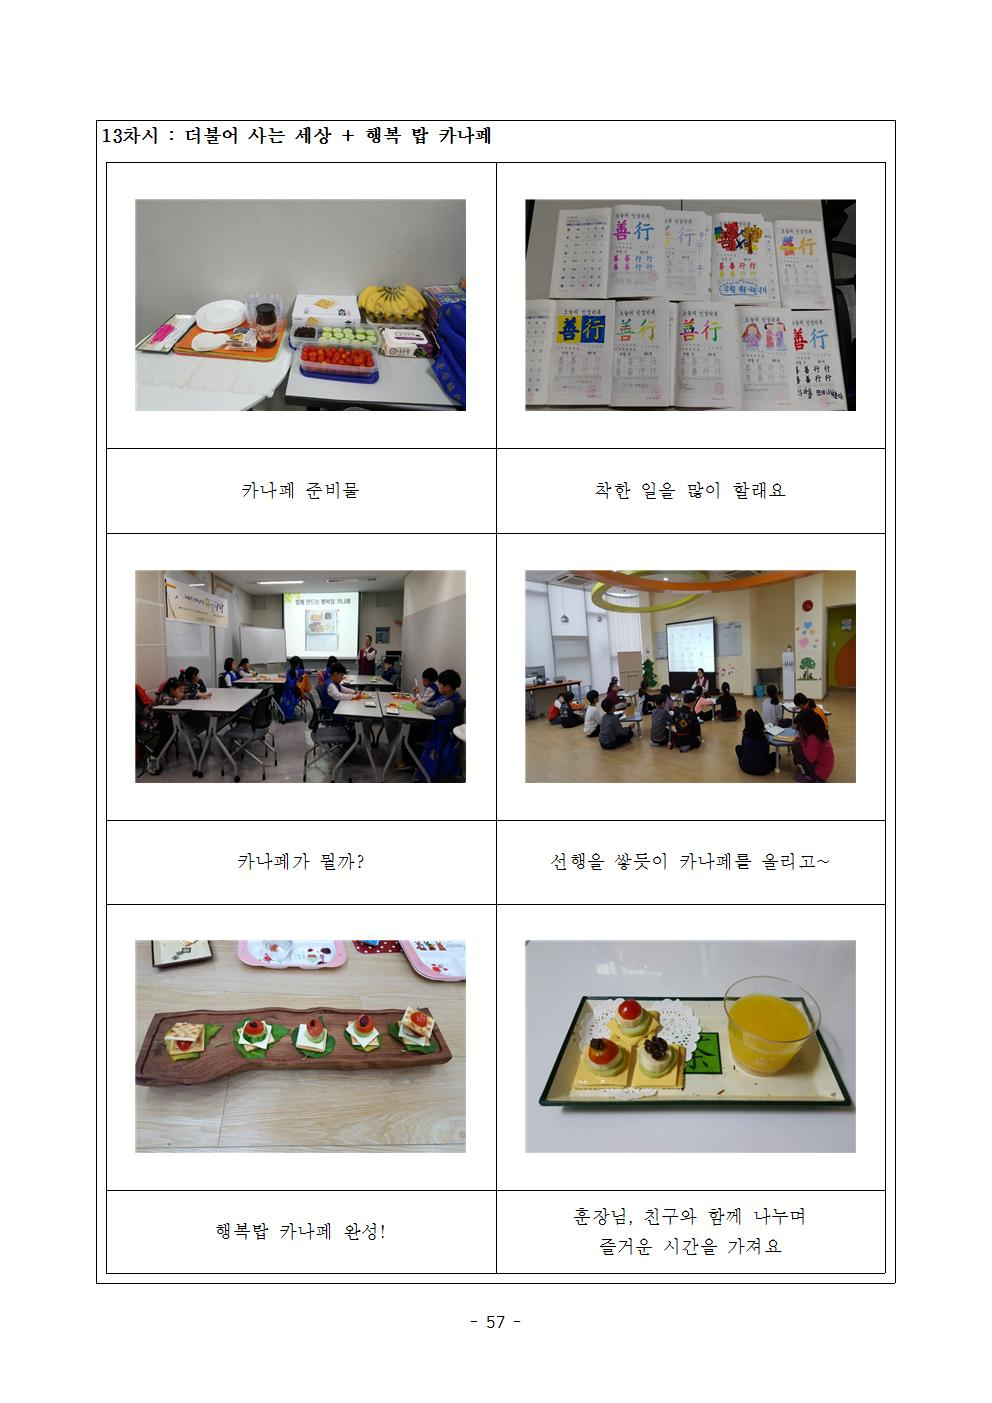 [인증]인성교육프로그램 인중 신청-까치서당(까치서당에서 군자되다)한국지역사회교육협의회 추가서류수정057.jpg